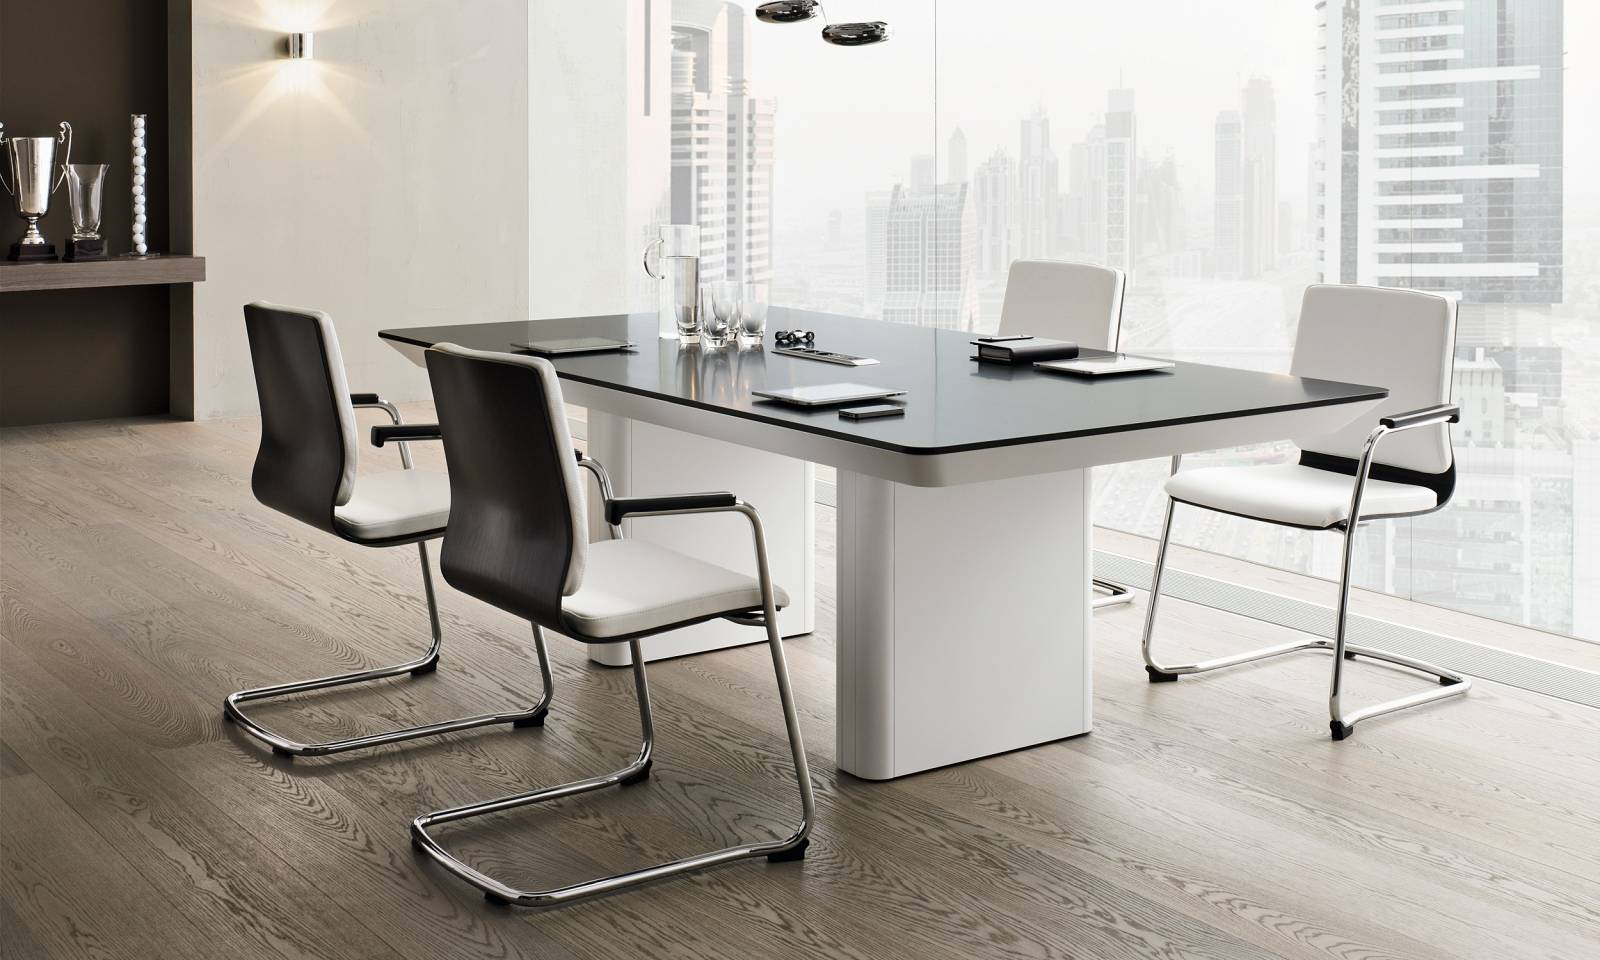 haises visiteurs MOJITO avec table de réunion e-Range sur Meyreuil